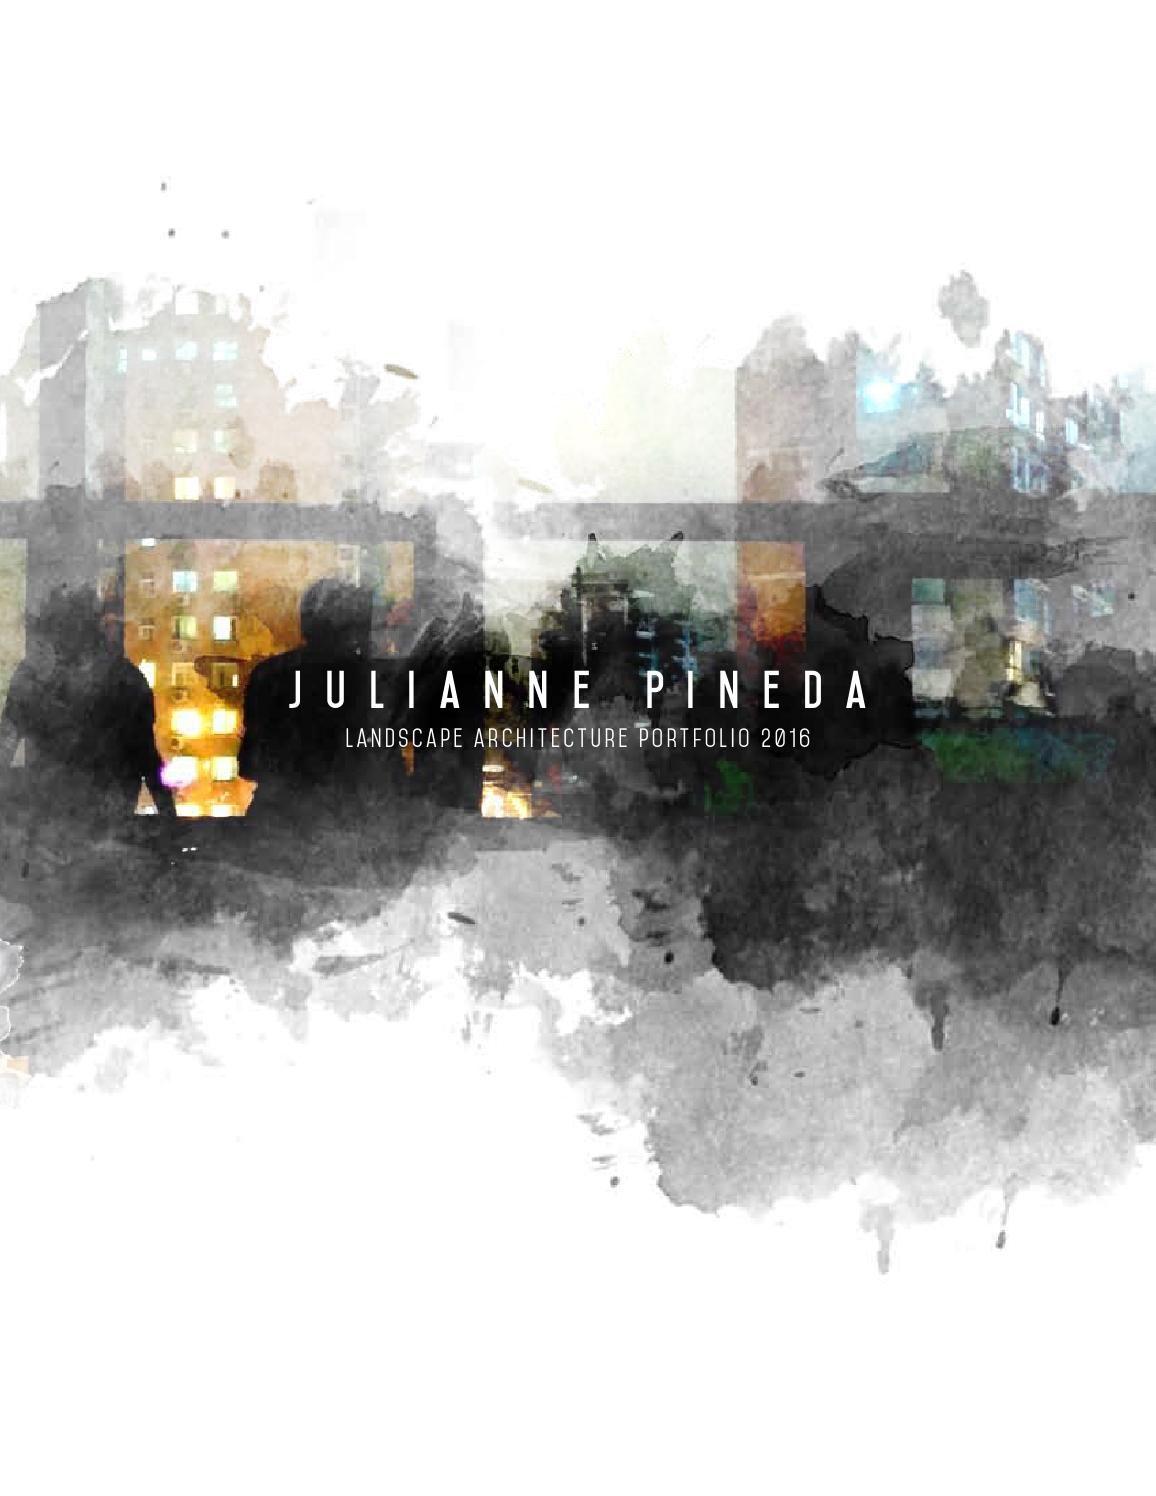 Julianne pineda landscape architecture portfolio 2016 pinterest architecture for Cal poly pomona interior design